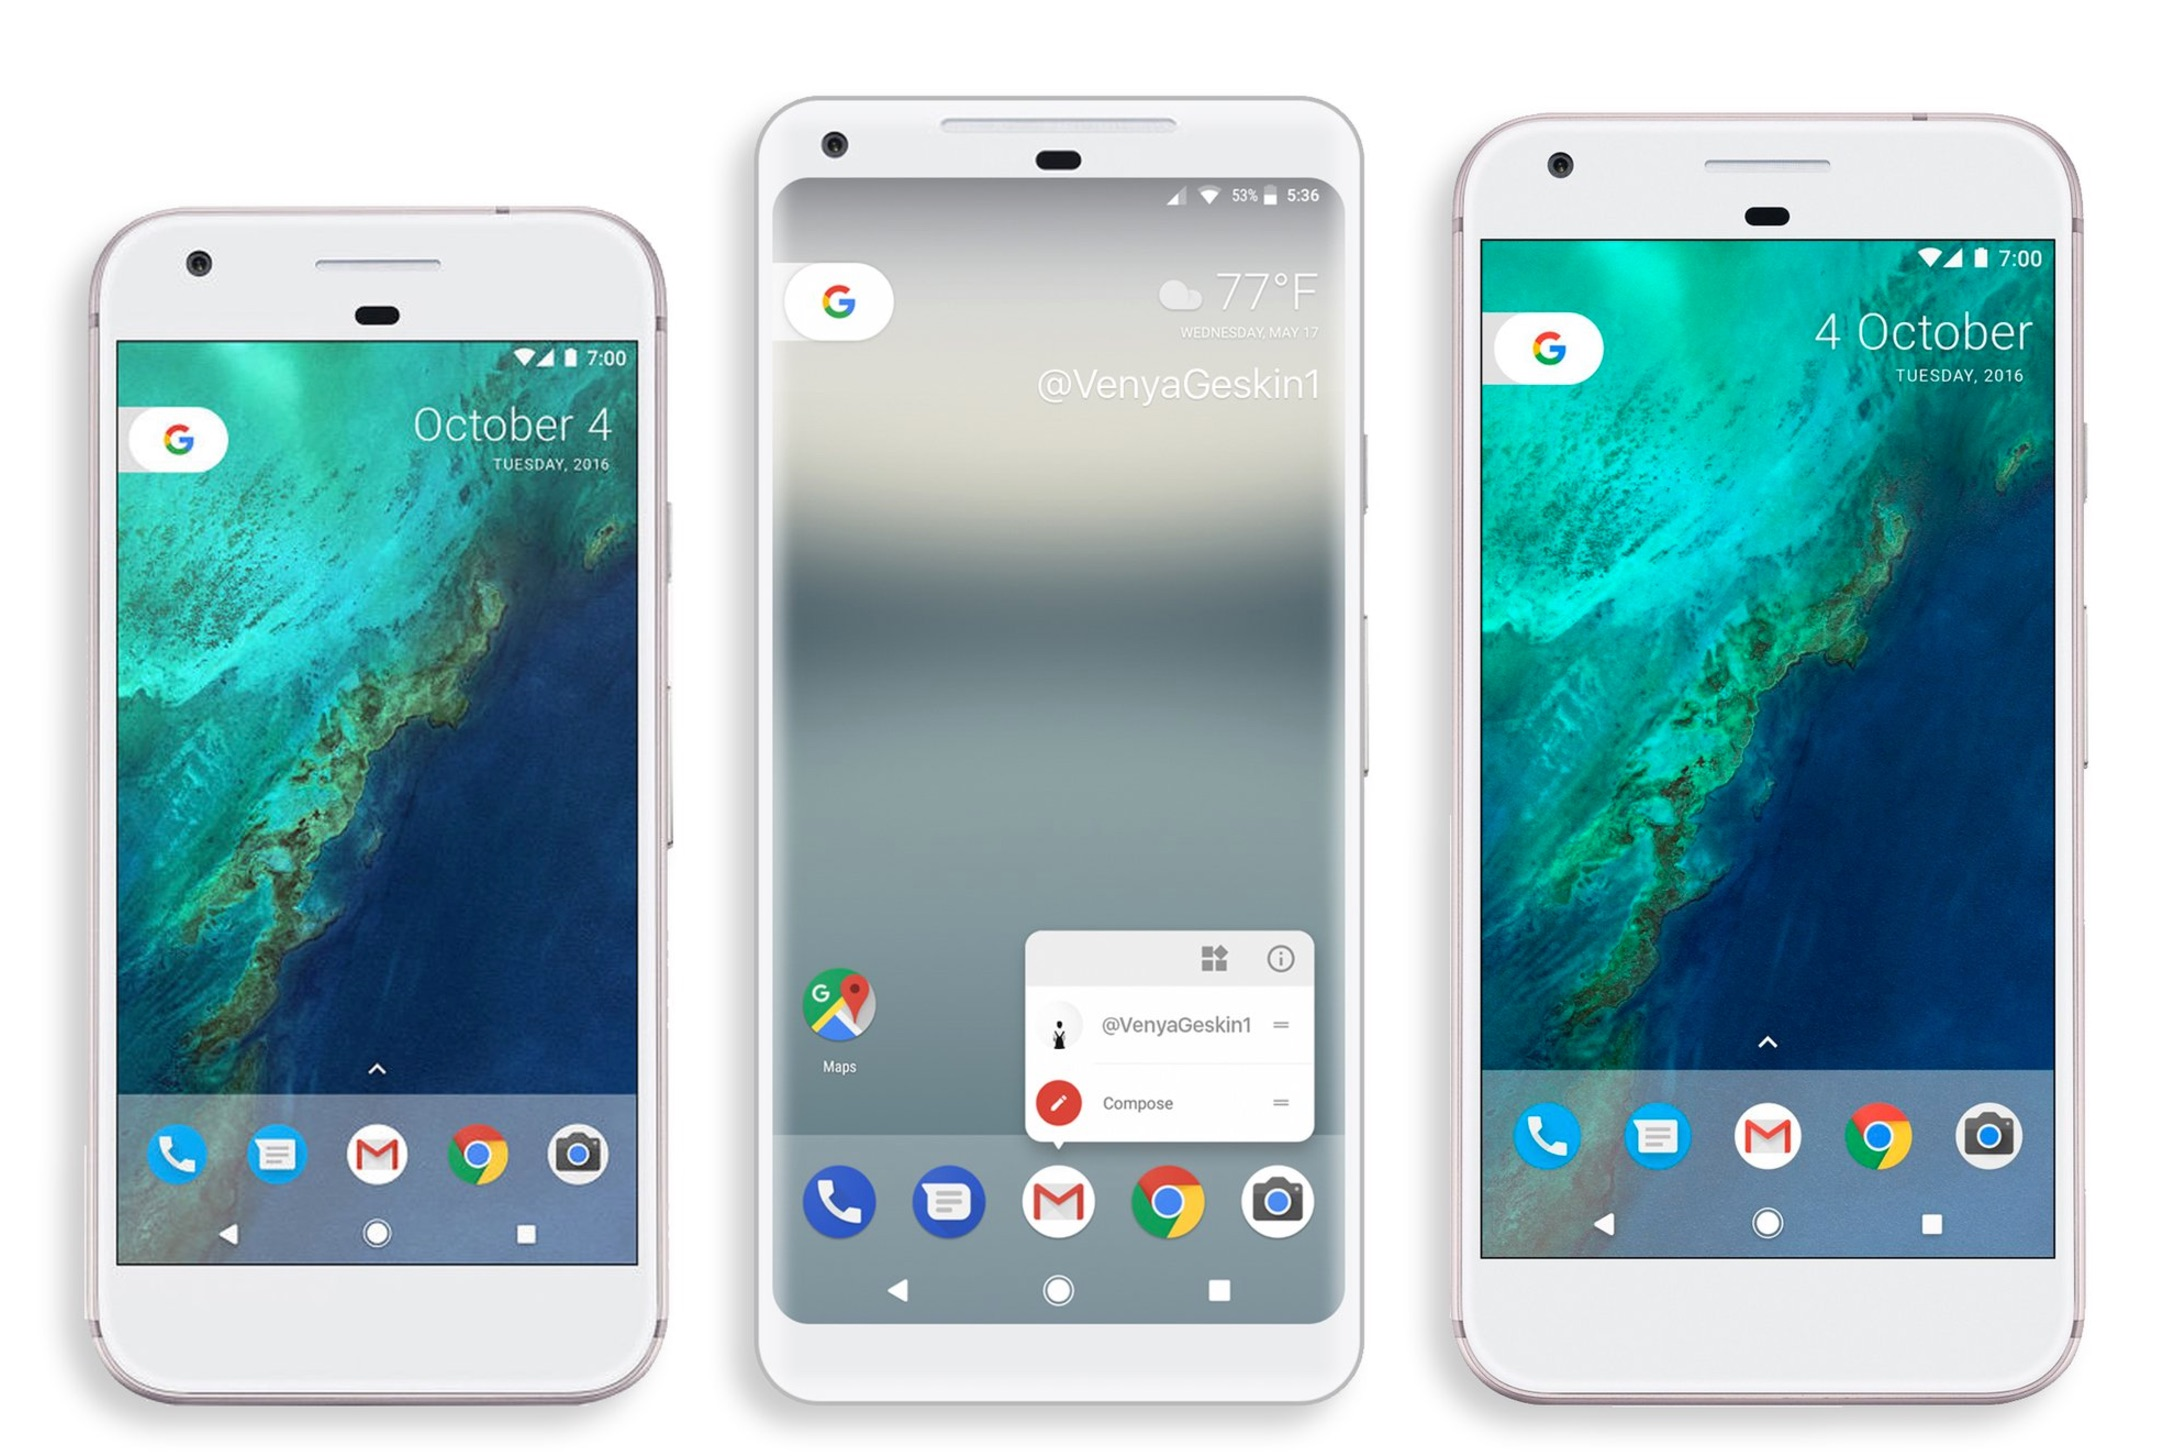 Die Geräte von links nach rechts Google Pixel Google Pixel 2 XL Google Pixel XL Bildquelle Benjamin Geskin